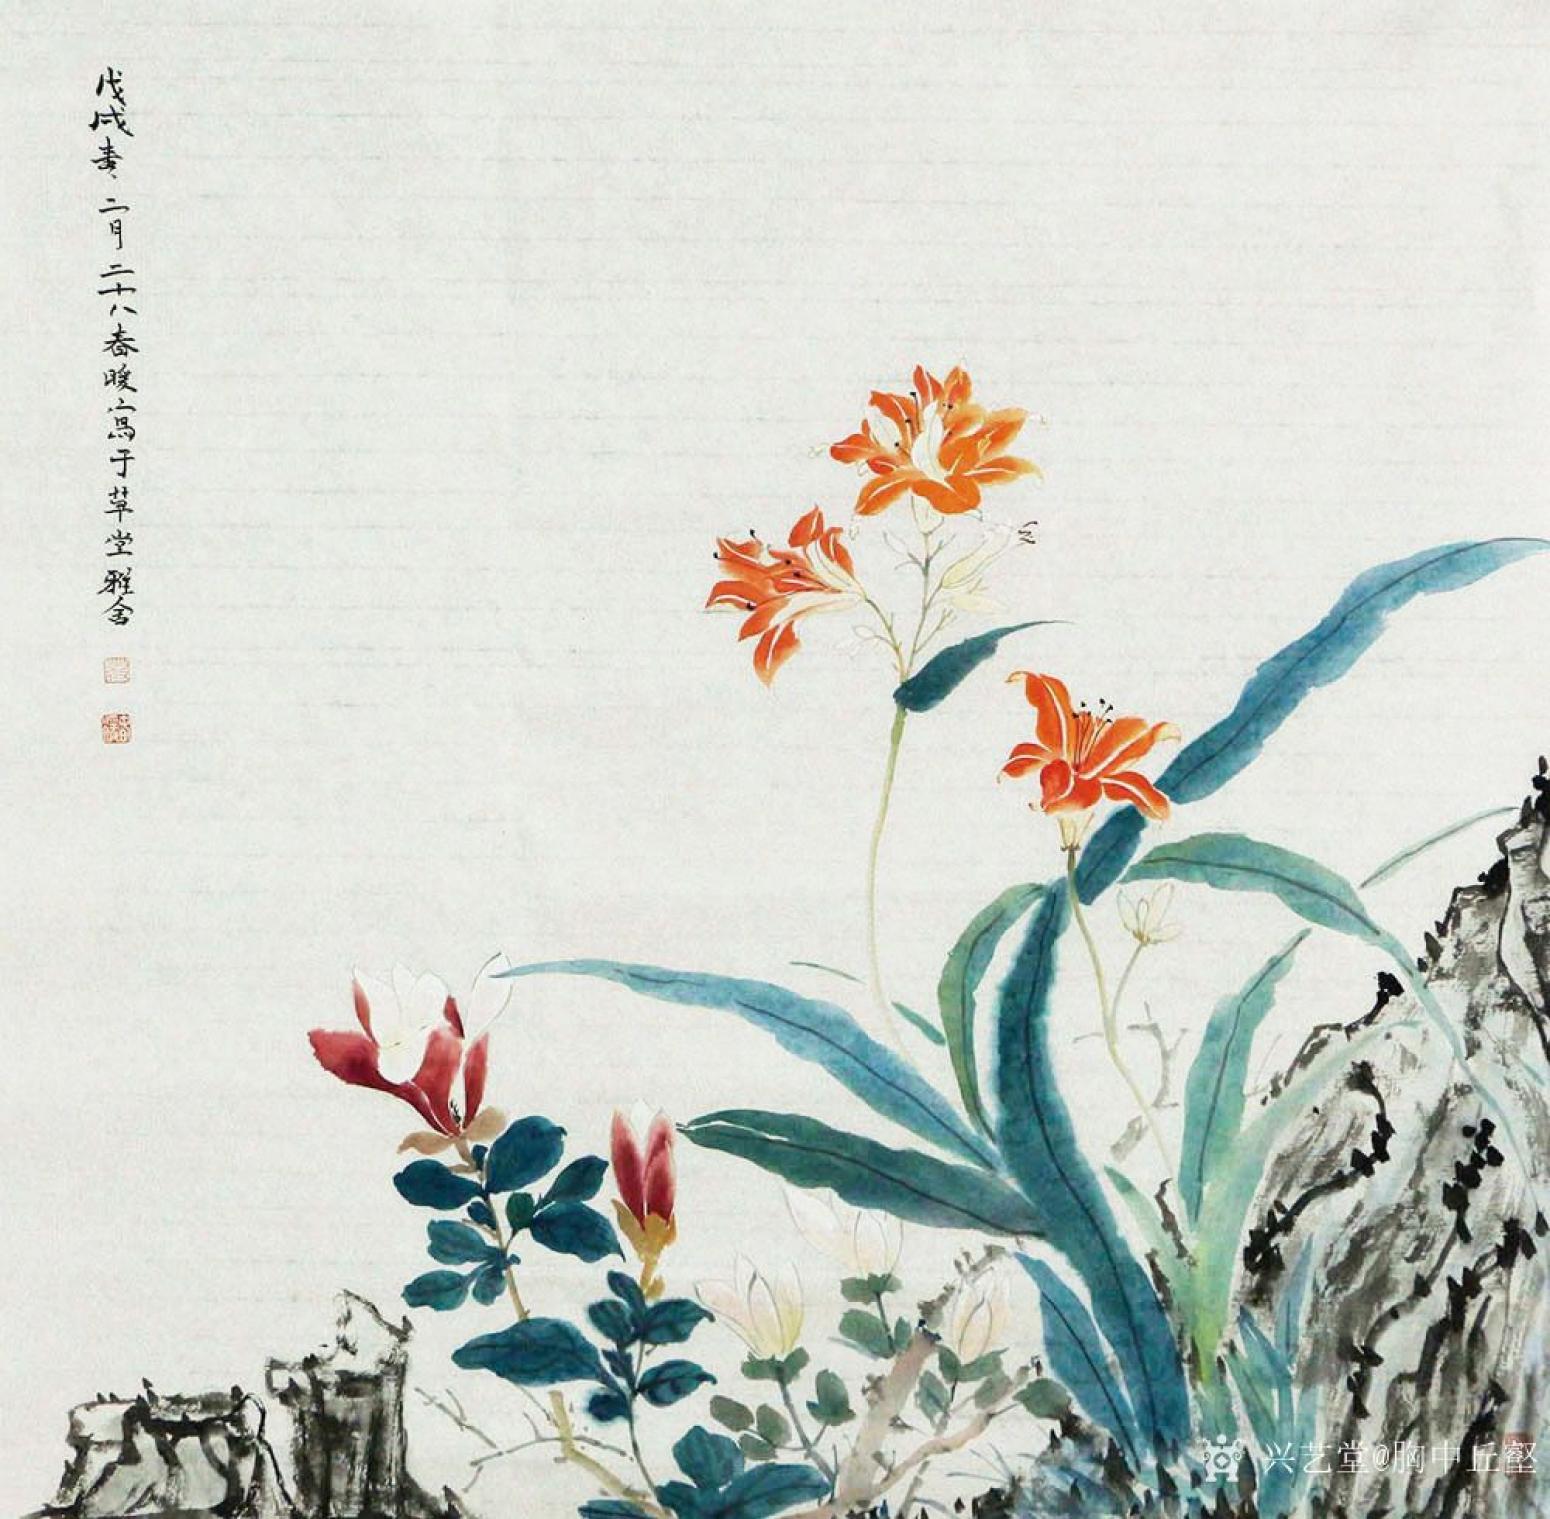 胸中丘壑国画作品《花》